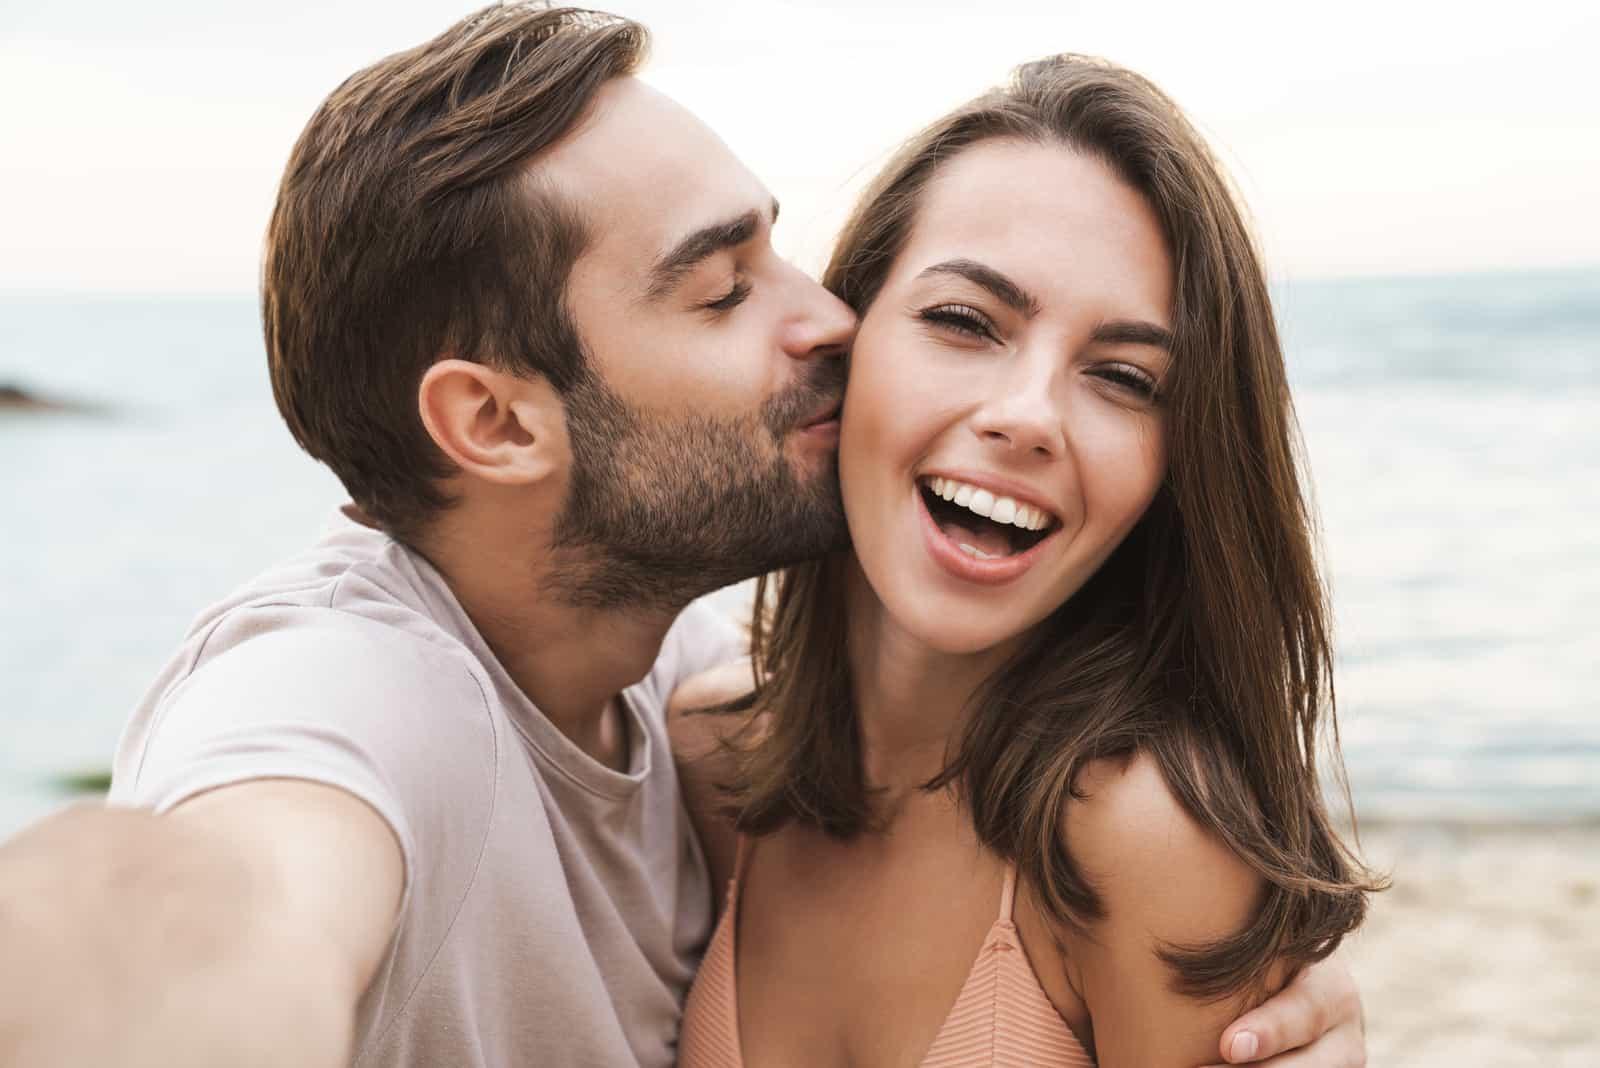 une femme souriante tandis qu'un homme l'embrasse sur la joue